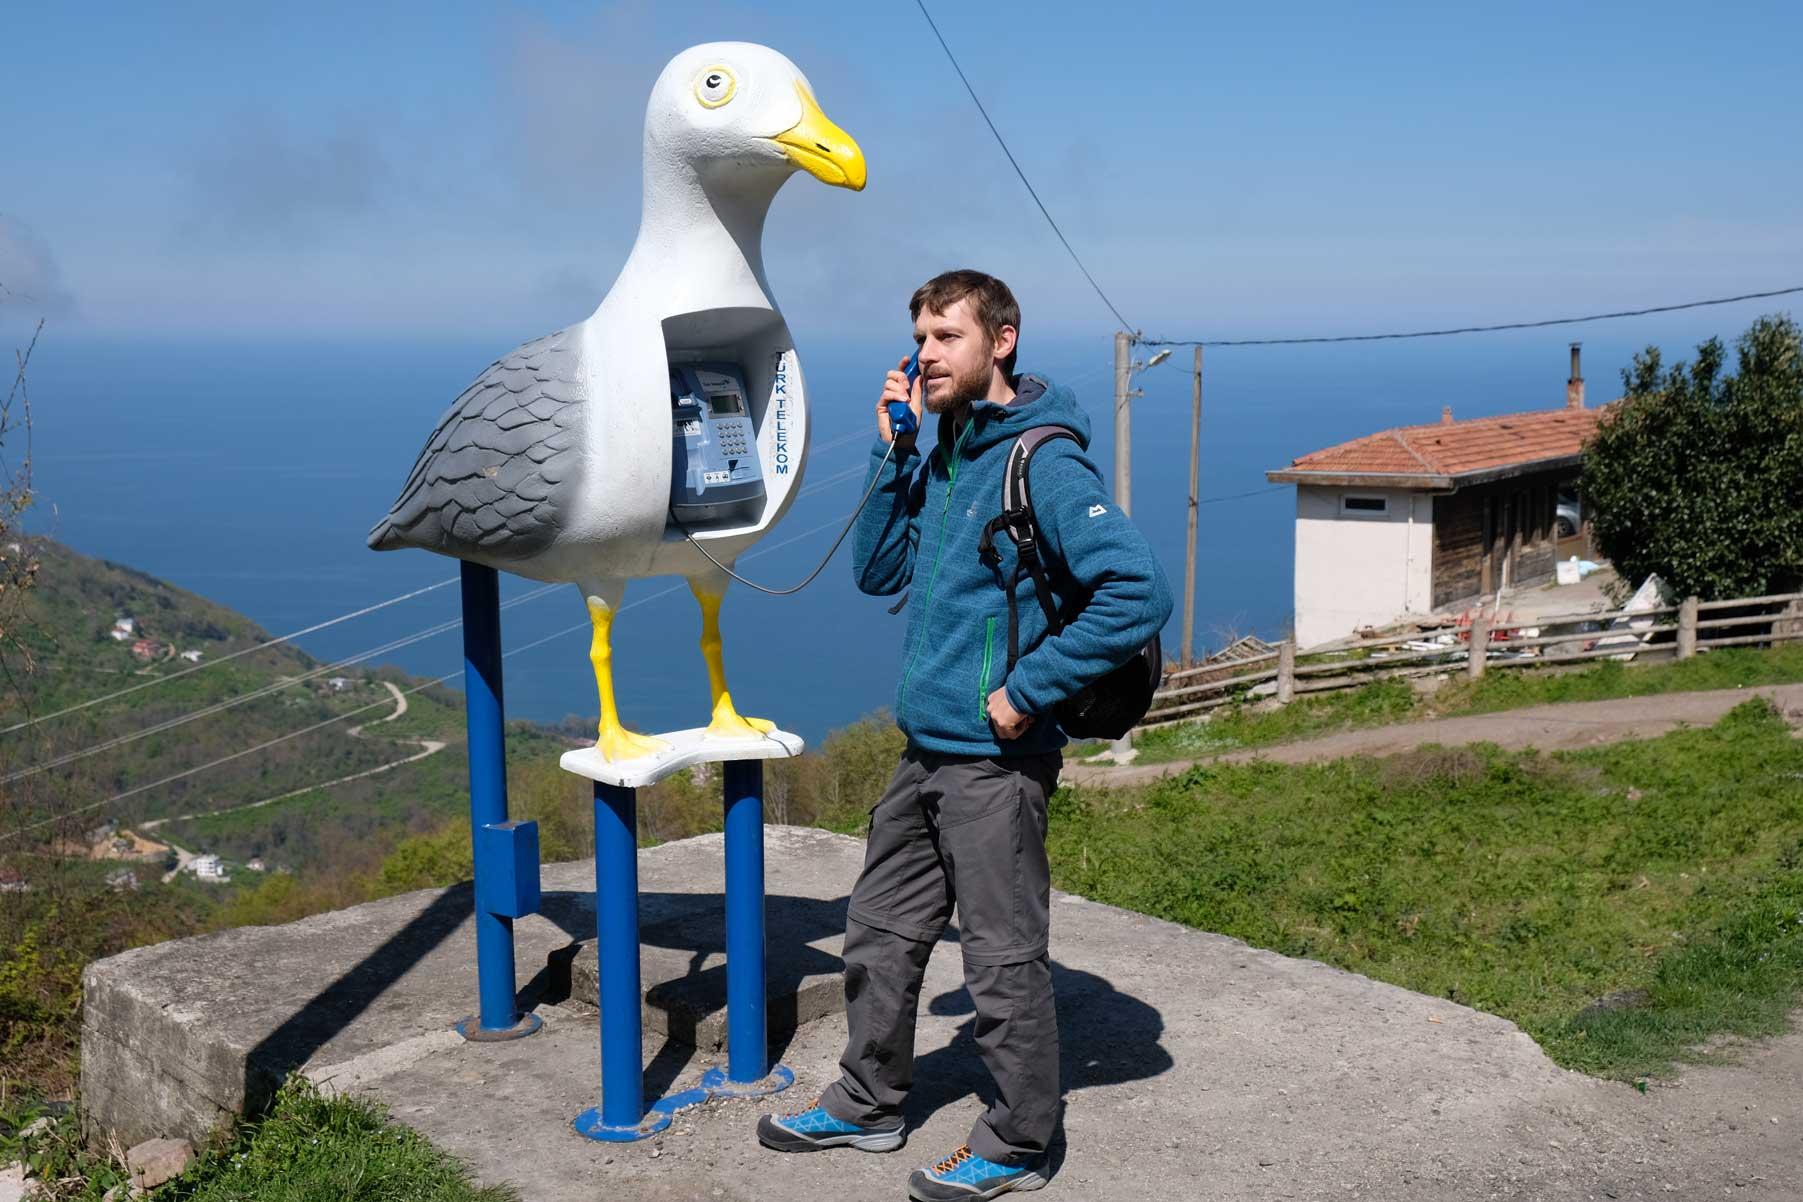 Nach Hause telefonieren - zum Glück gibt es auch andere kostenkünstige Alternativen